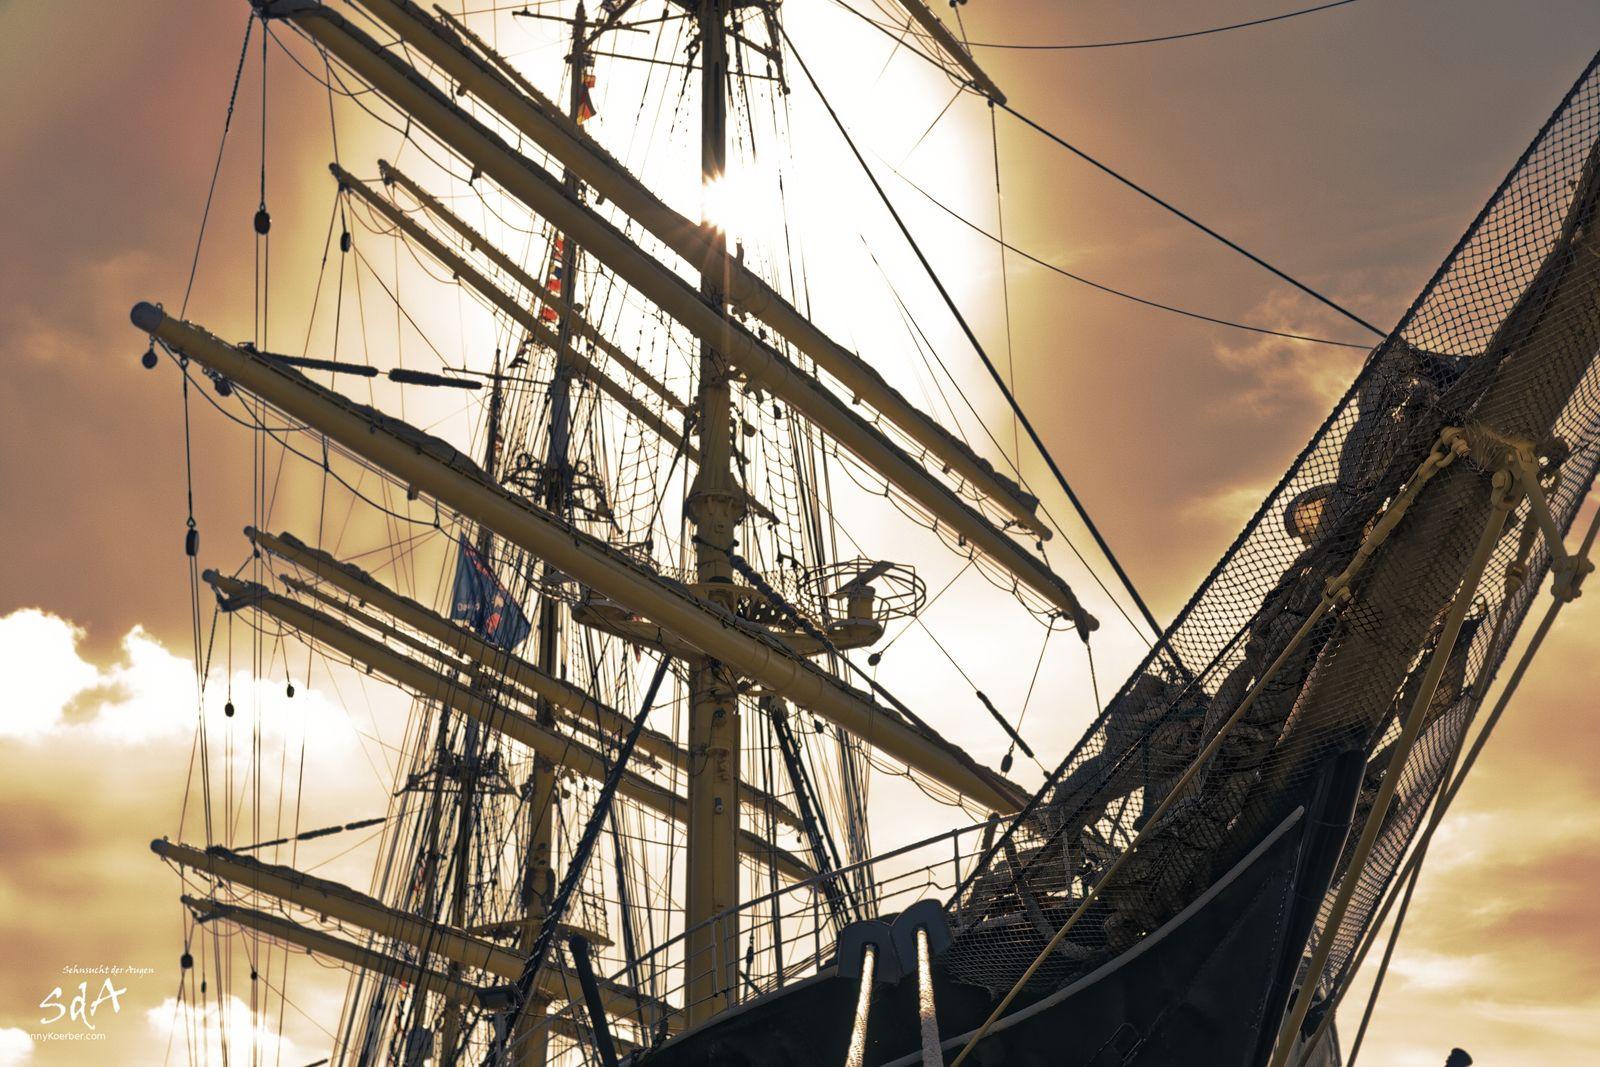 Bug der Krusenstern im Hamburger Hafen, Impression des Hamburger Hafengeburtstages fotografiert von Danny Koerber.